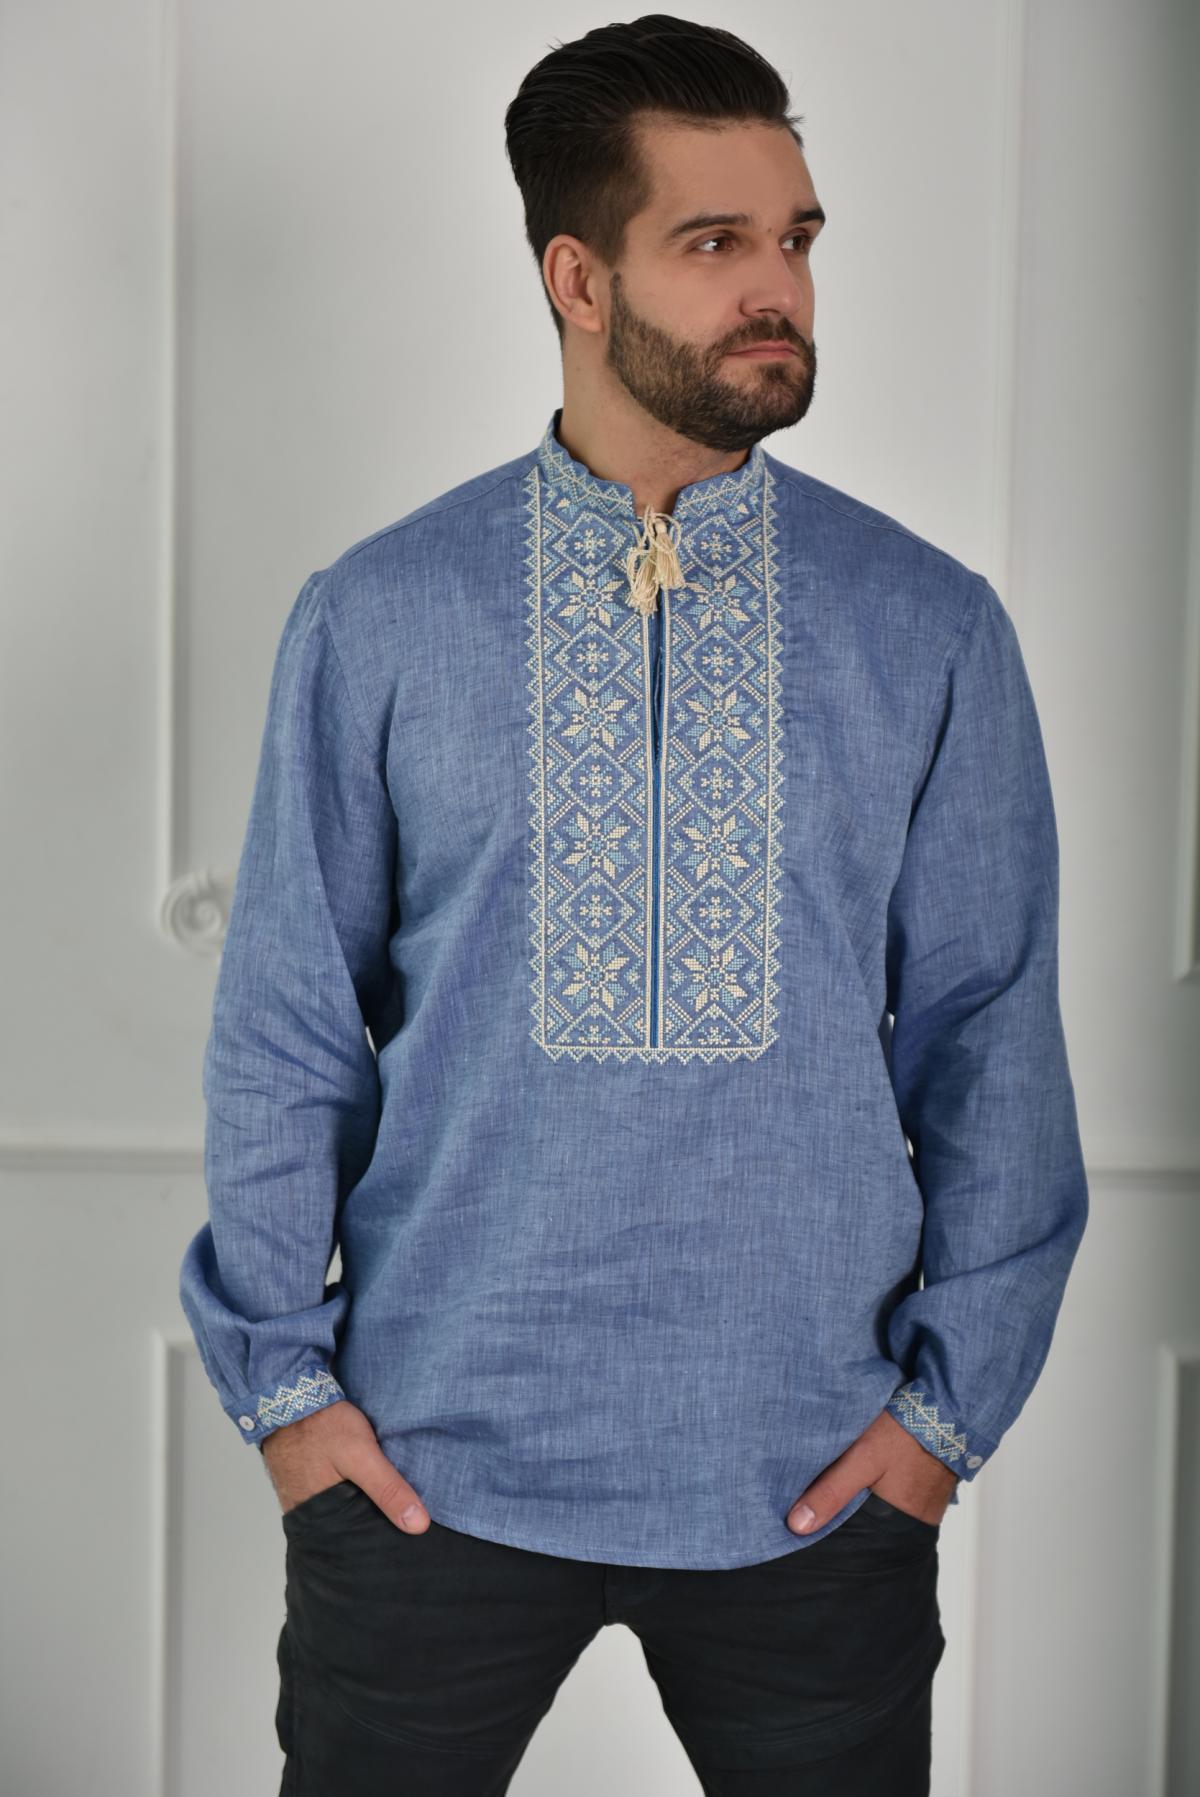 Мужская вышиванка джинсового цвета